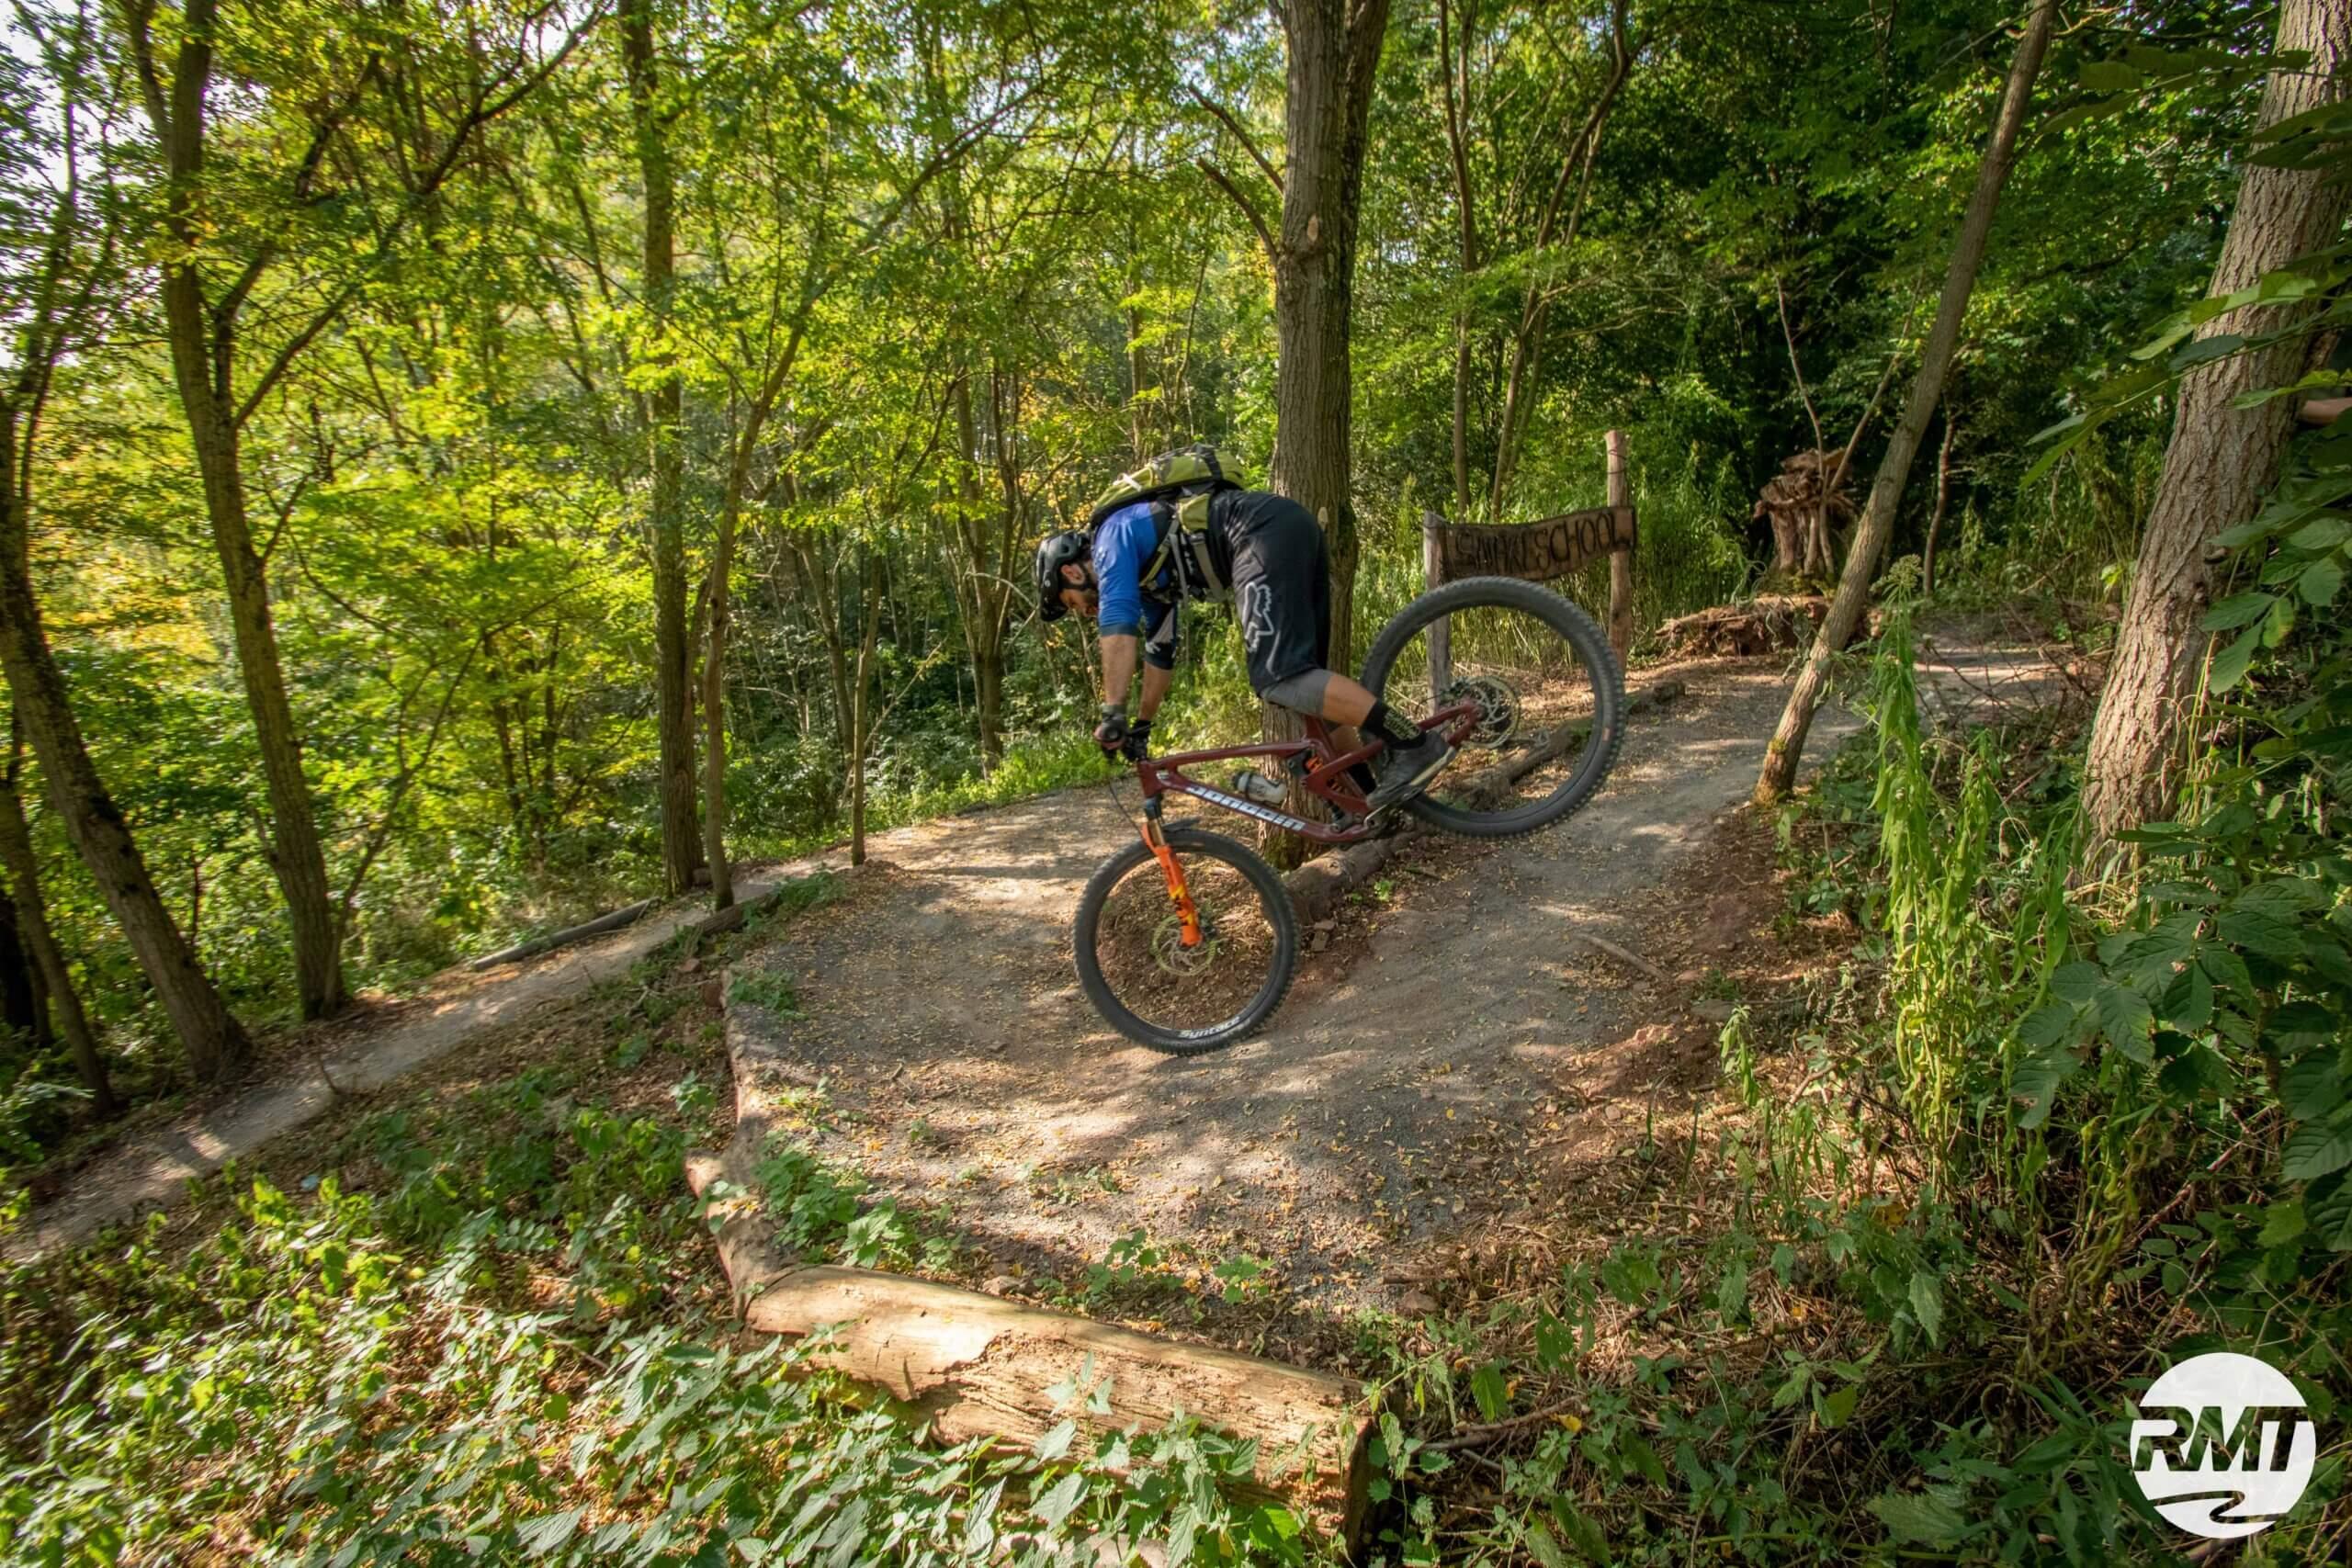 Hinterrad-versetzen-lernen-Fahrtechnik-Kurs-fuer-Serpentinen-Kehren-Rock-my-Trail-Bikeschule-3